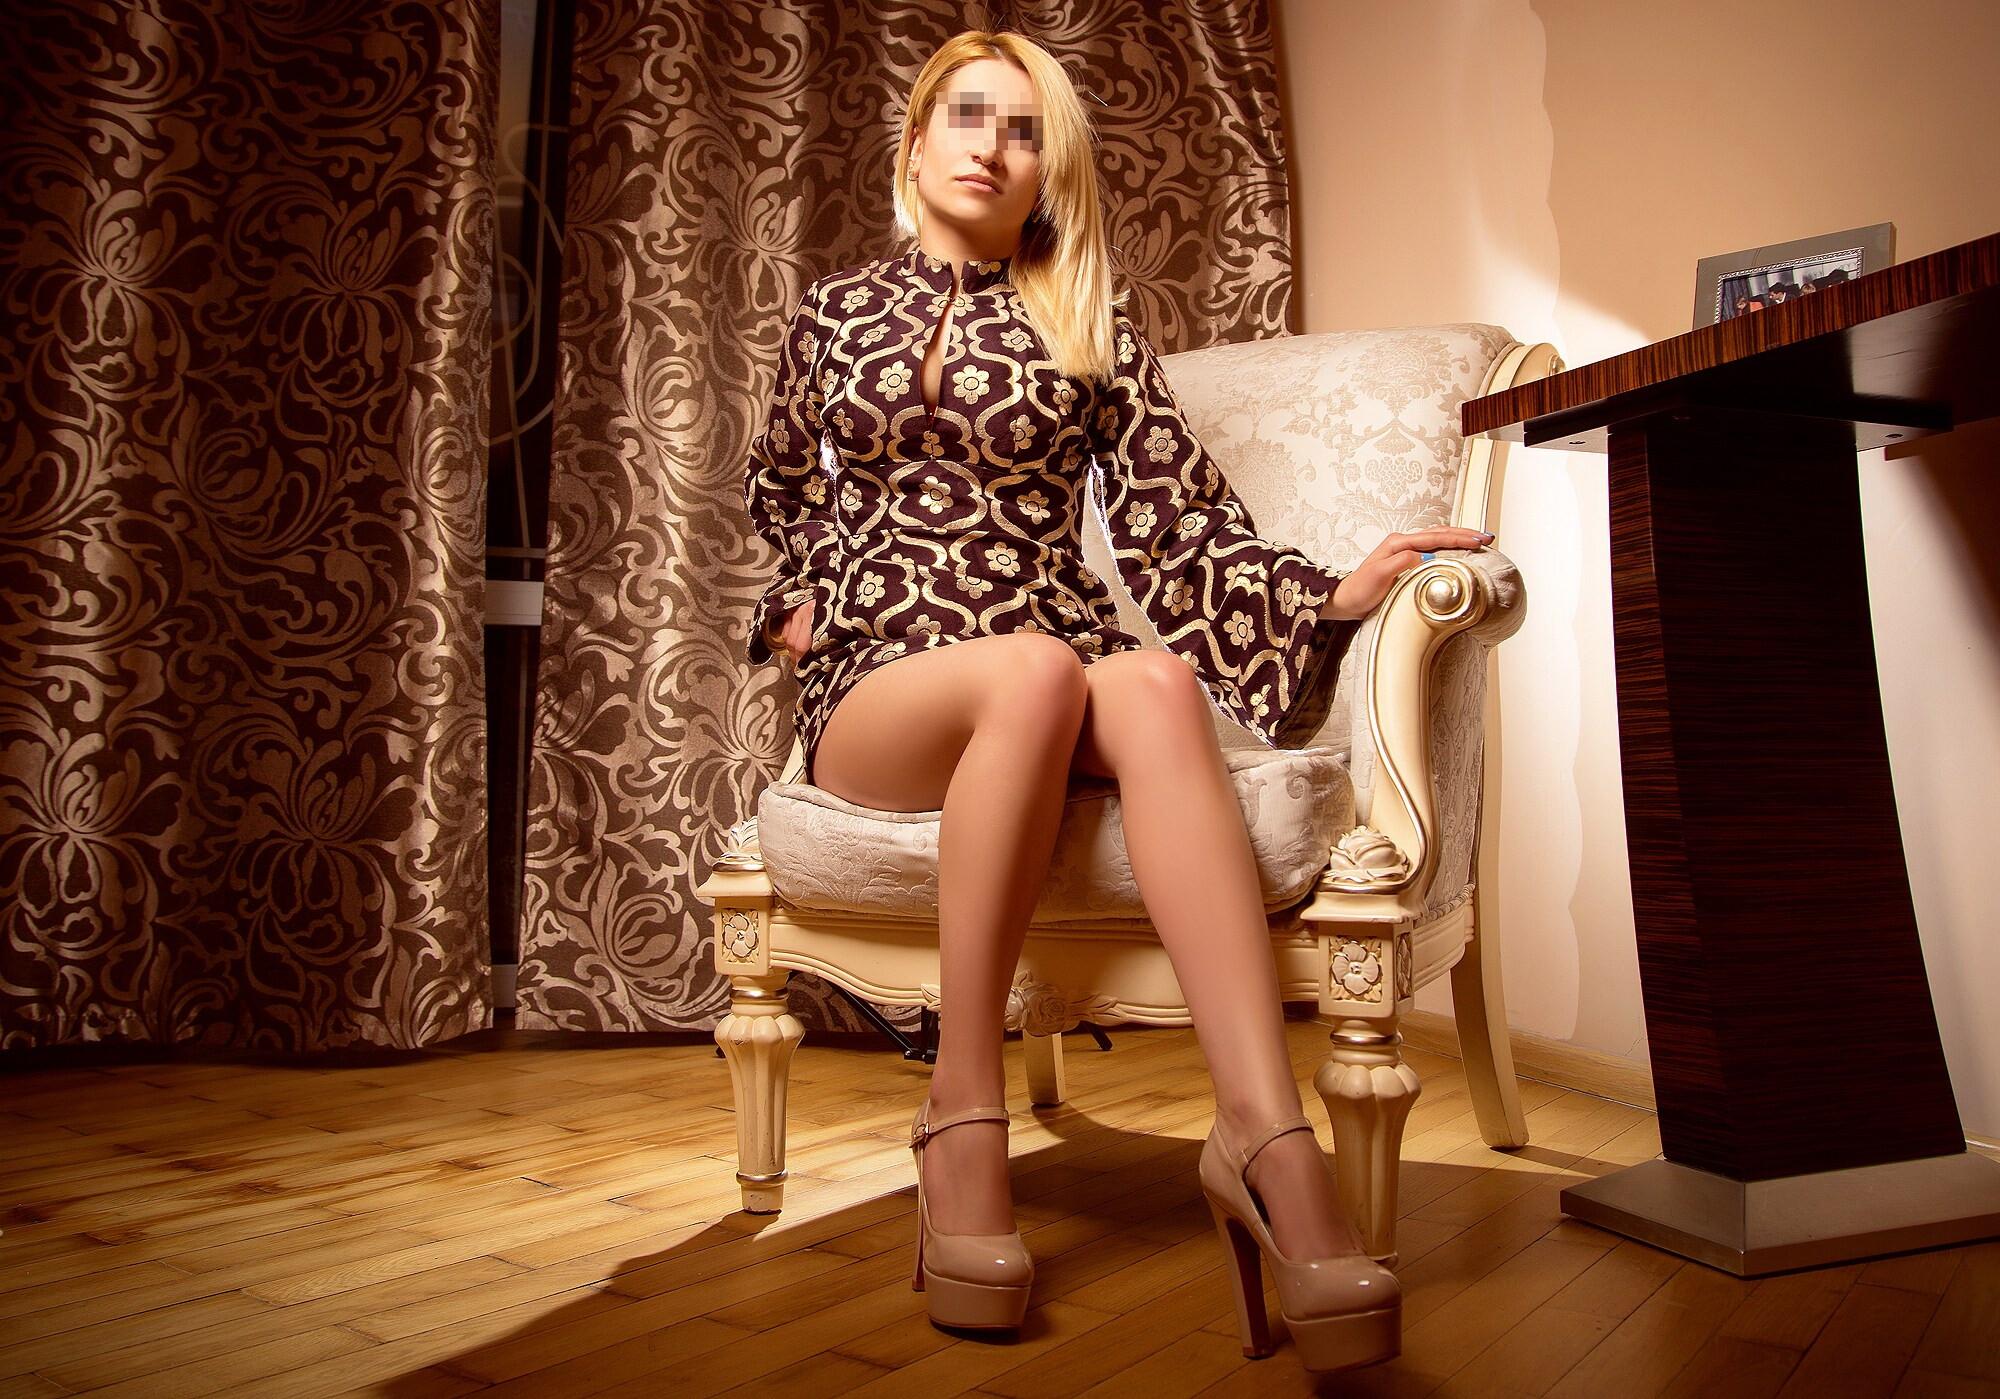 Егорьевск снять проститутку бесплатная проститутка тюмень